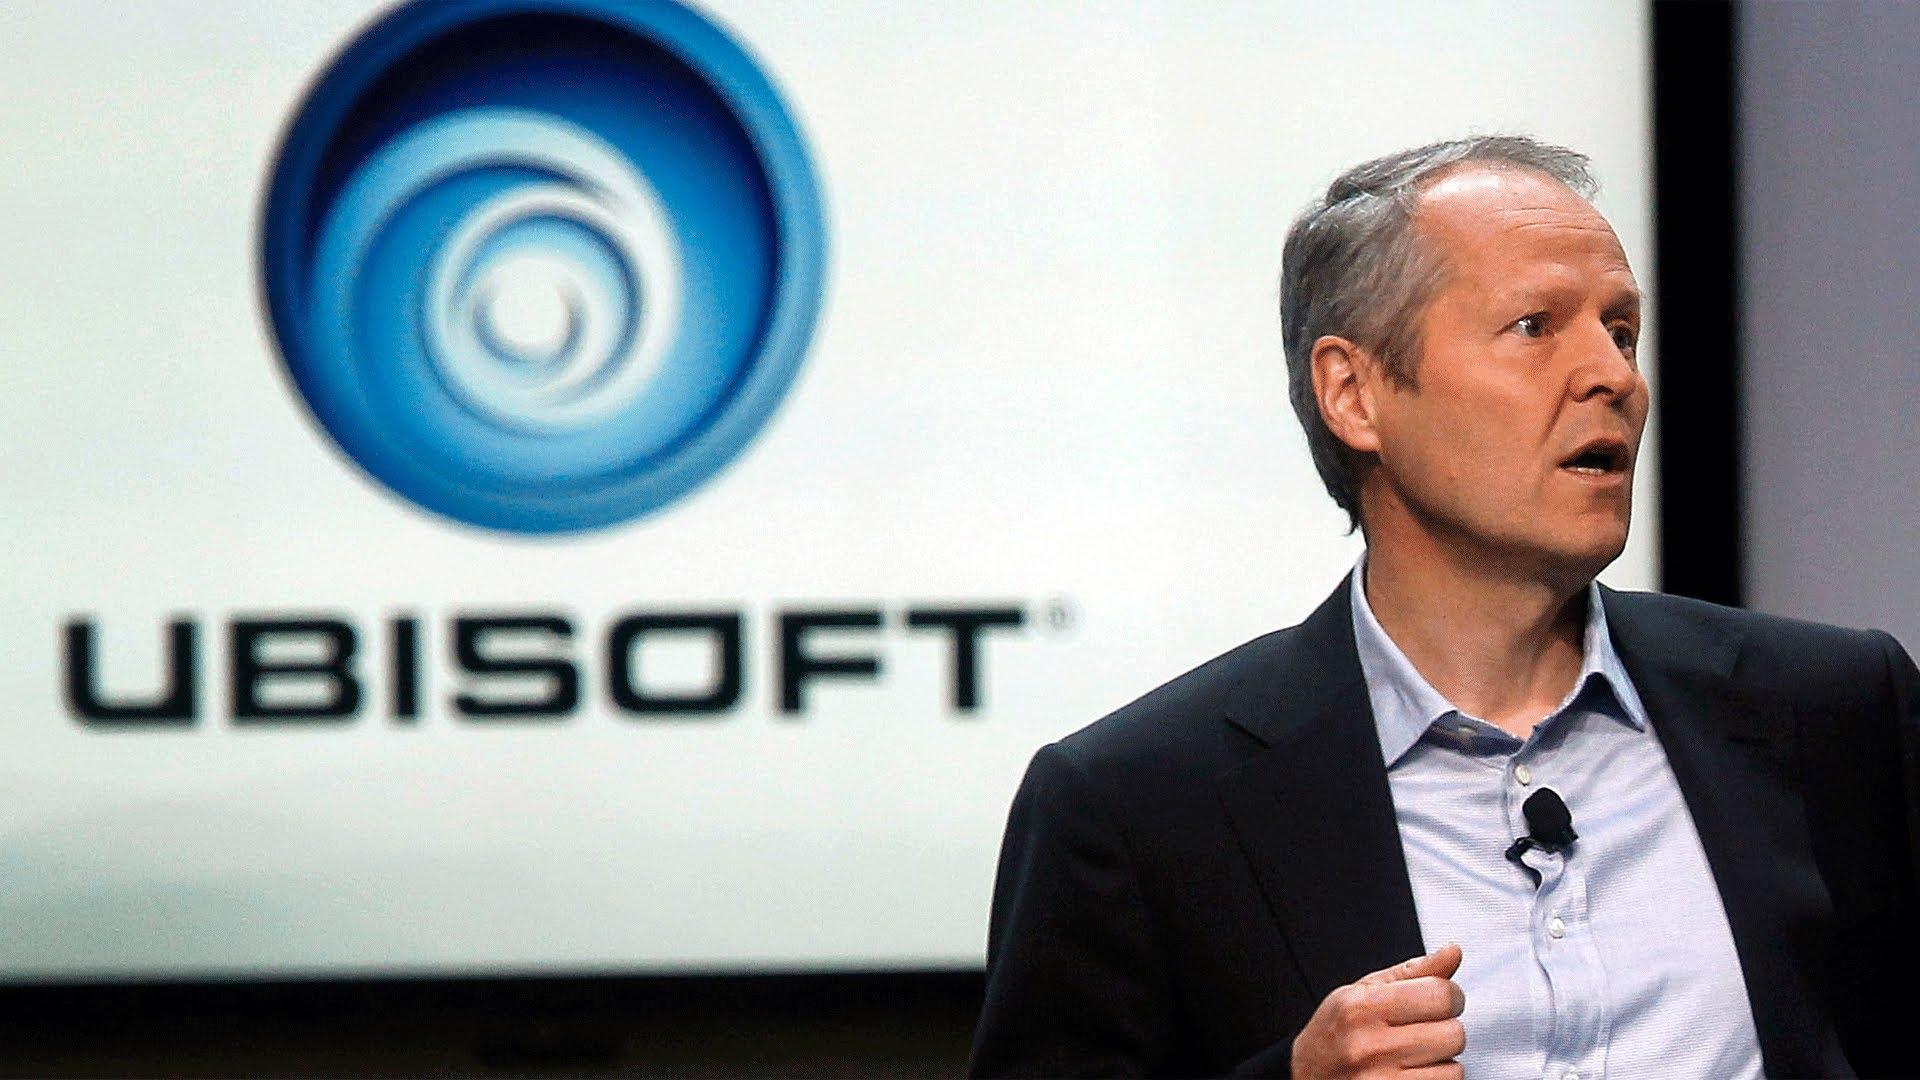 Yves Guillemot, fundador de Ubisoft, habló del futuro de Assasin's Creed y el gaming